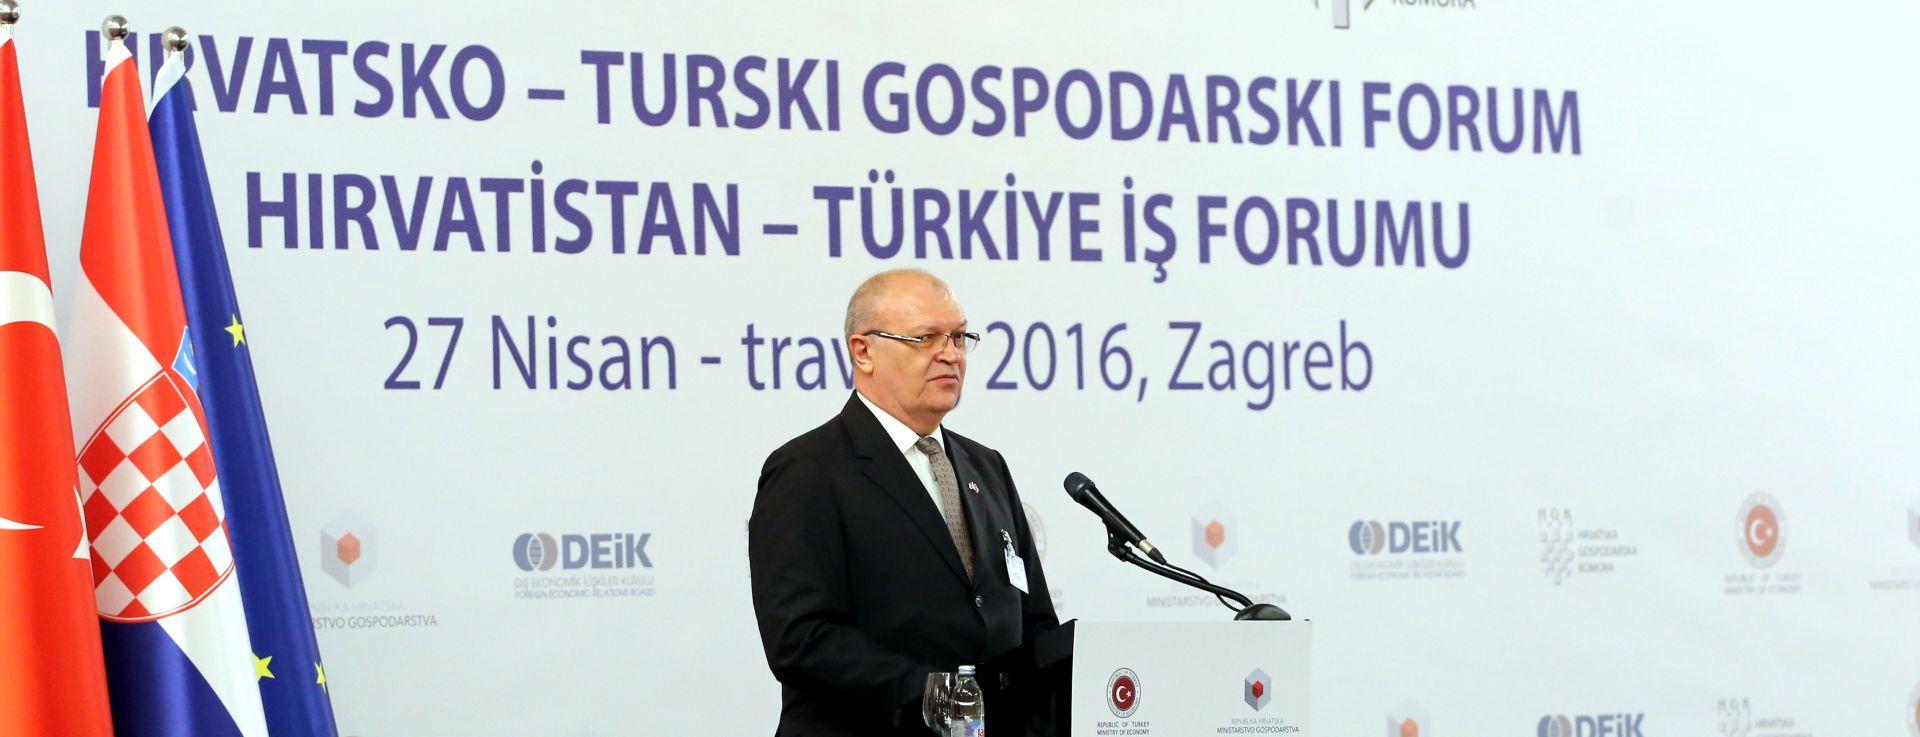 GOSODARSKI FORUM: Gospodarska suradnja Hrvatske i Turske dobra, ali daleko od potencijala